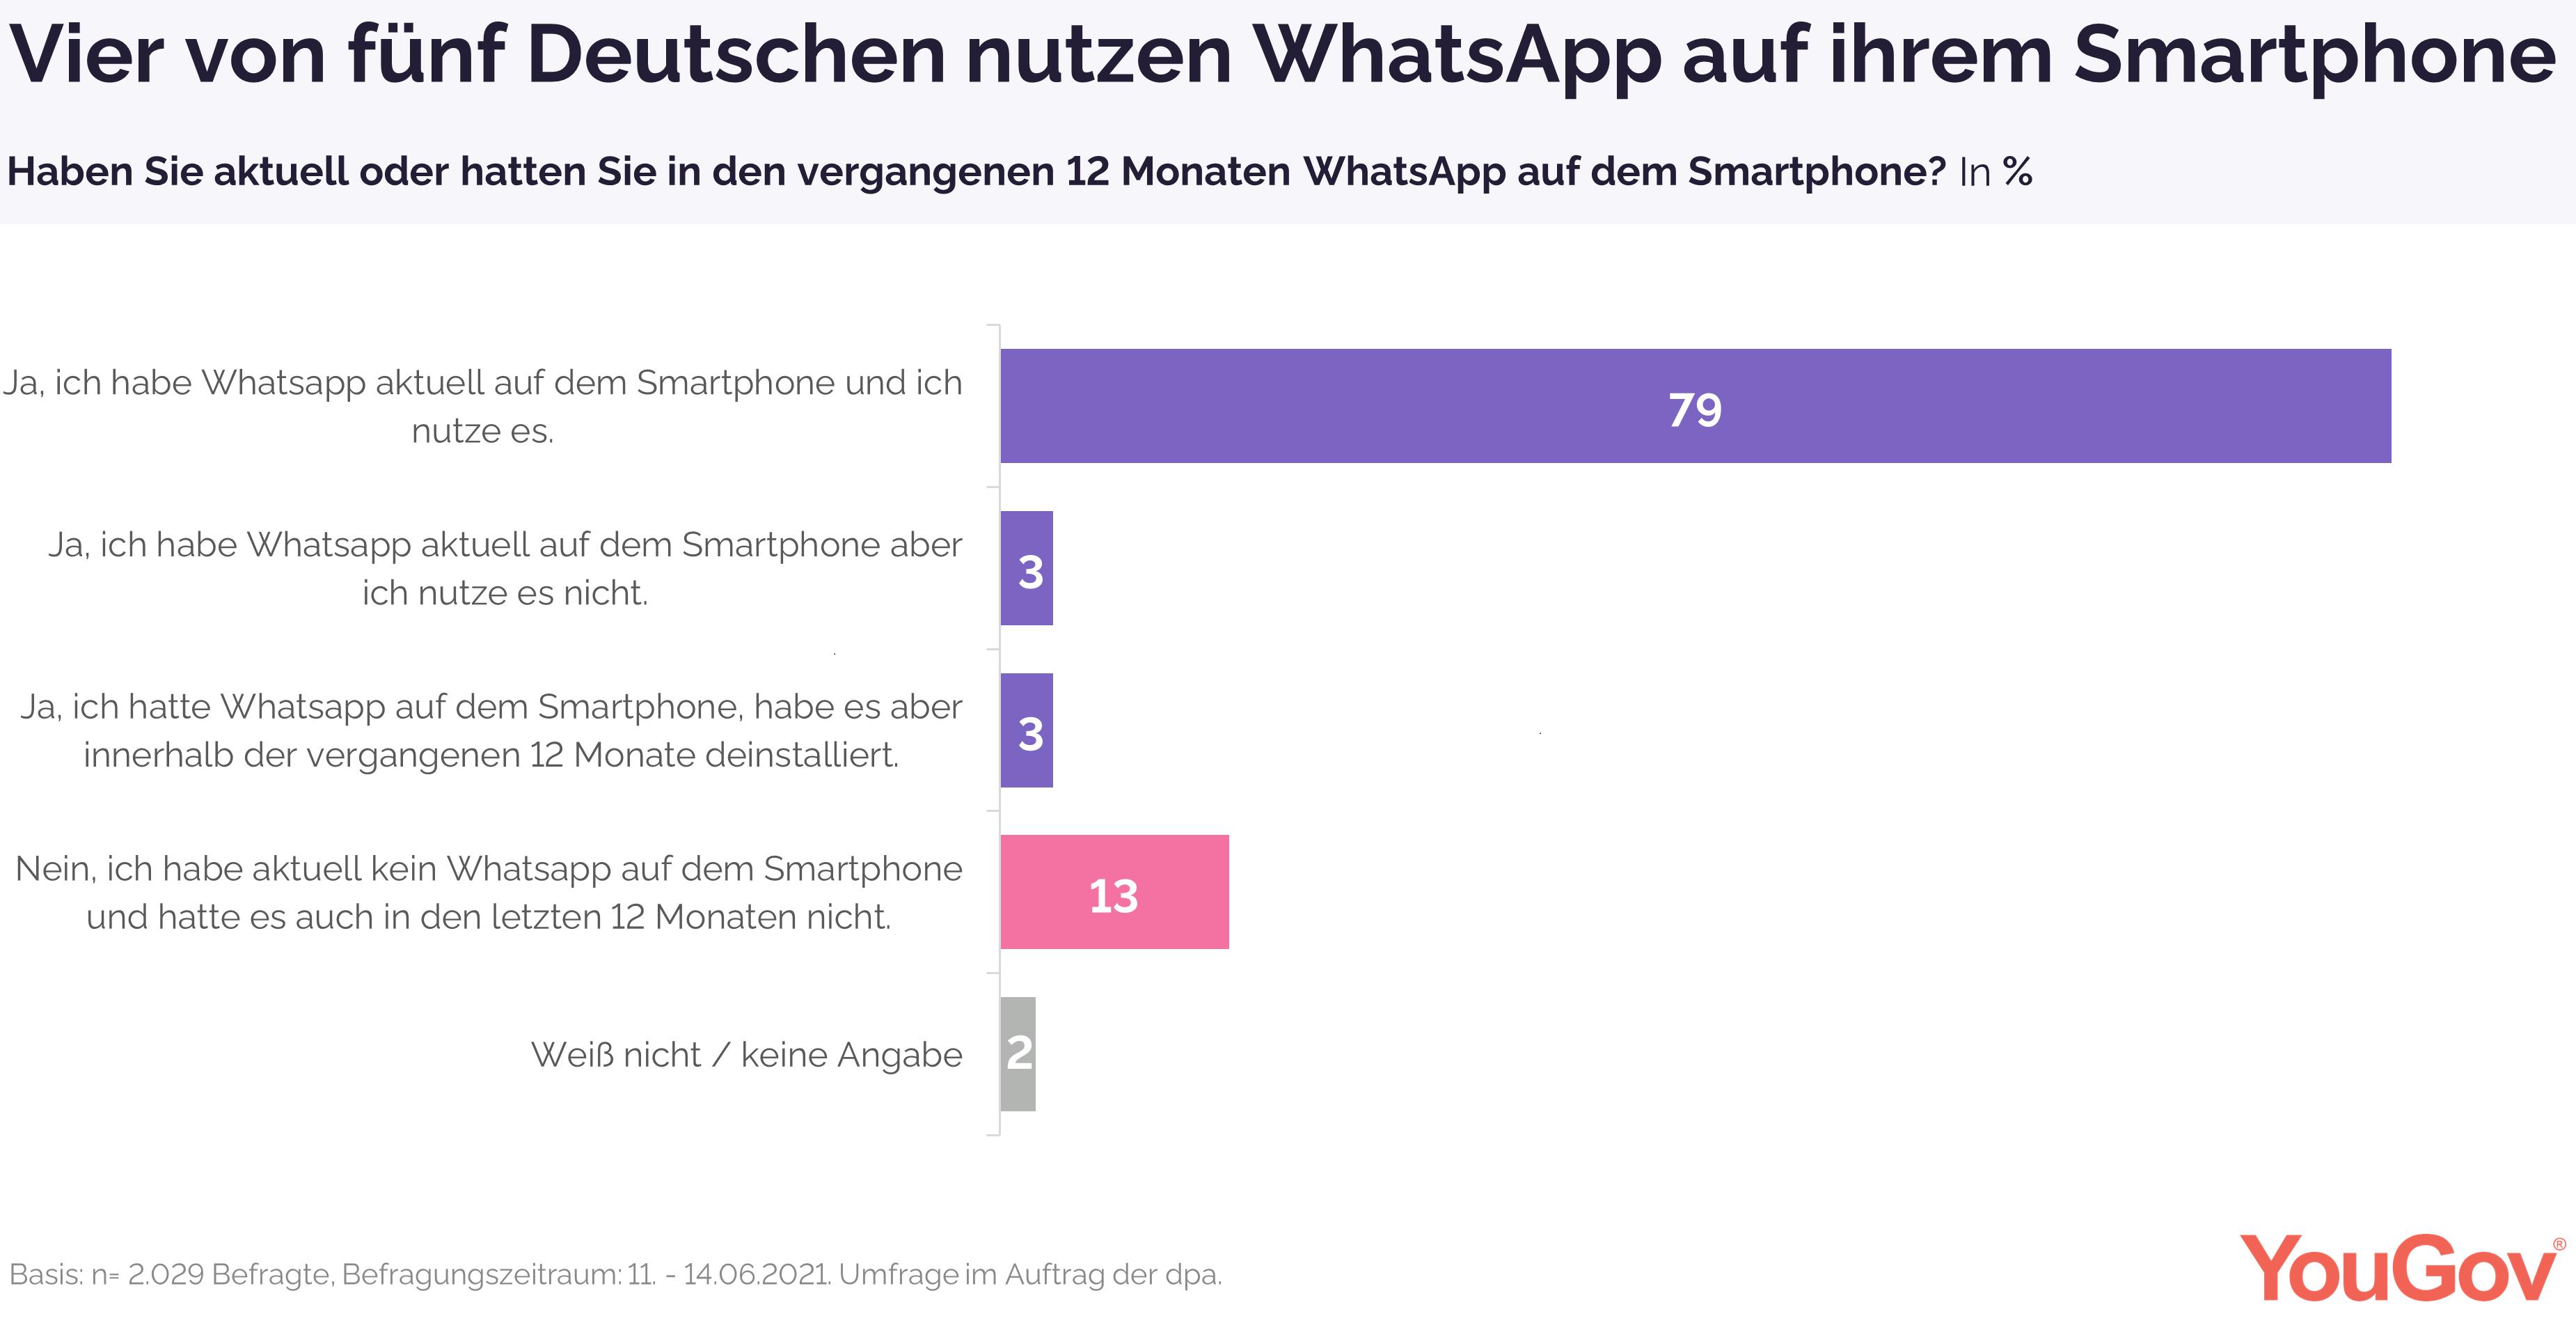 Vier von fünf Deutschen nutzen WhatsApp